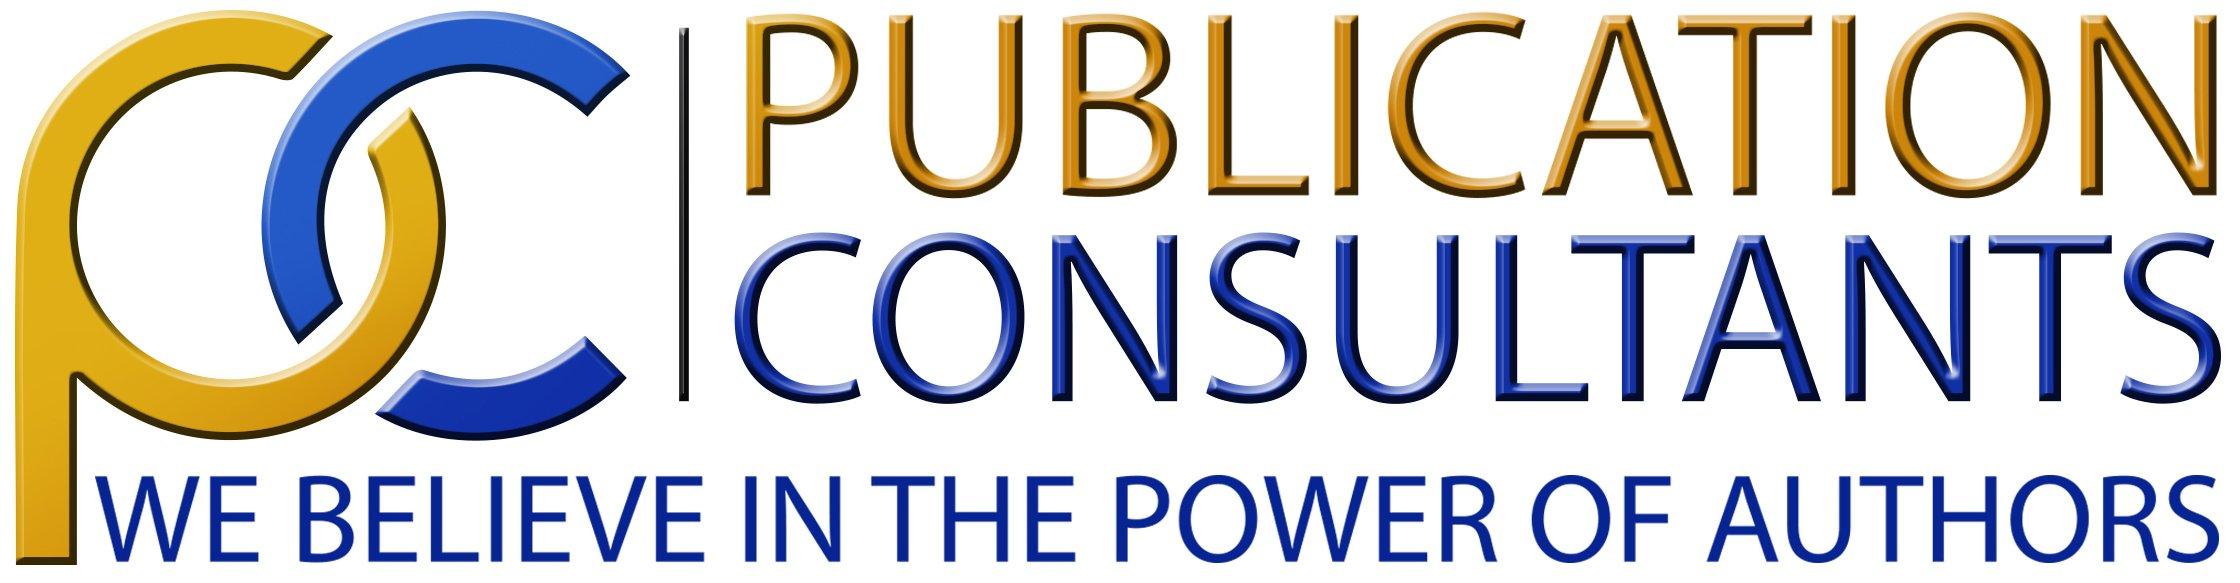 Publication Consultants